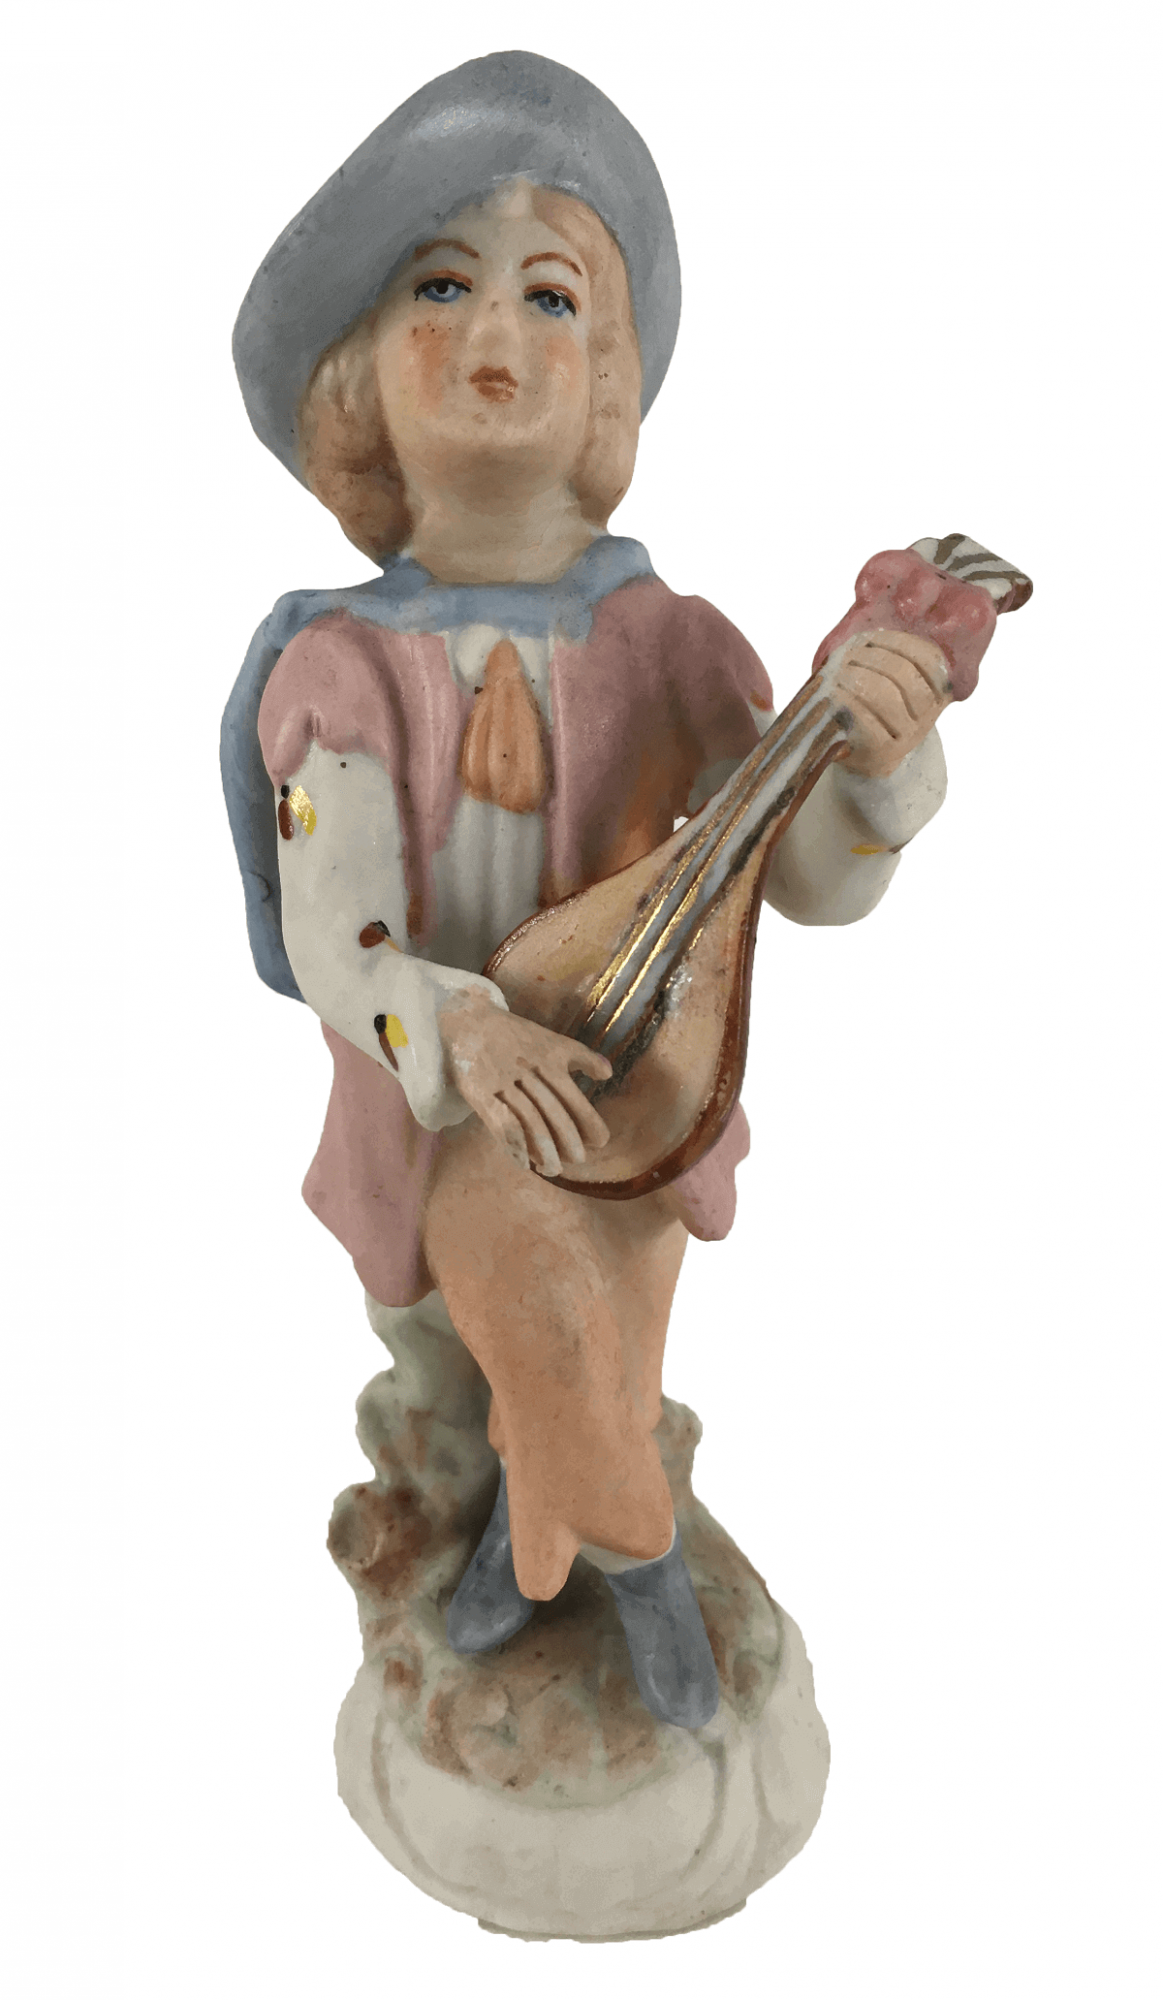 Escultura Antiga Porcelana Menino Tocando Violao